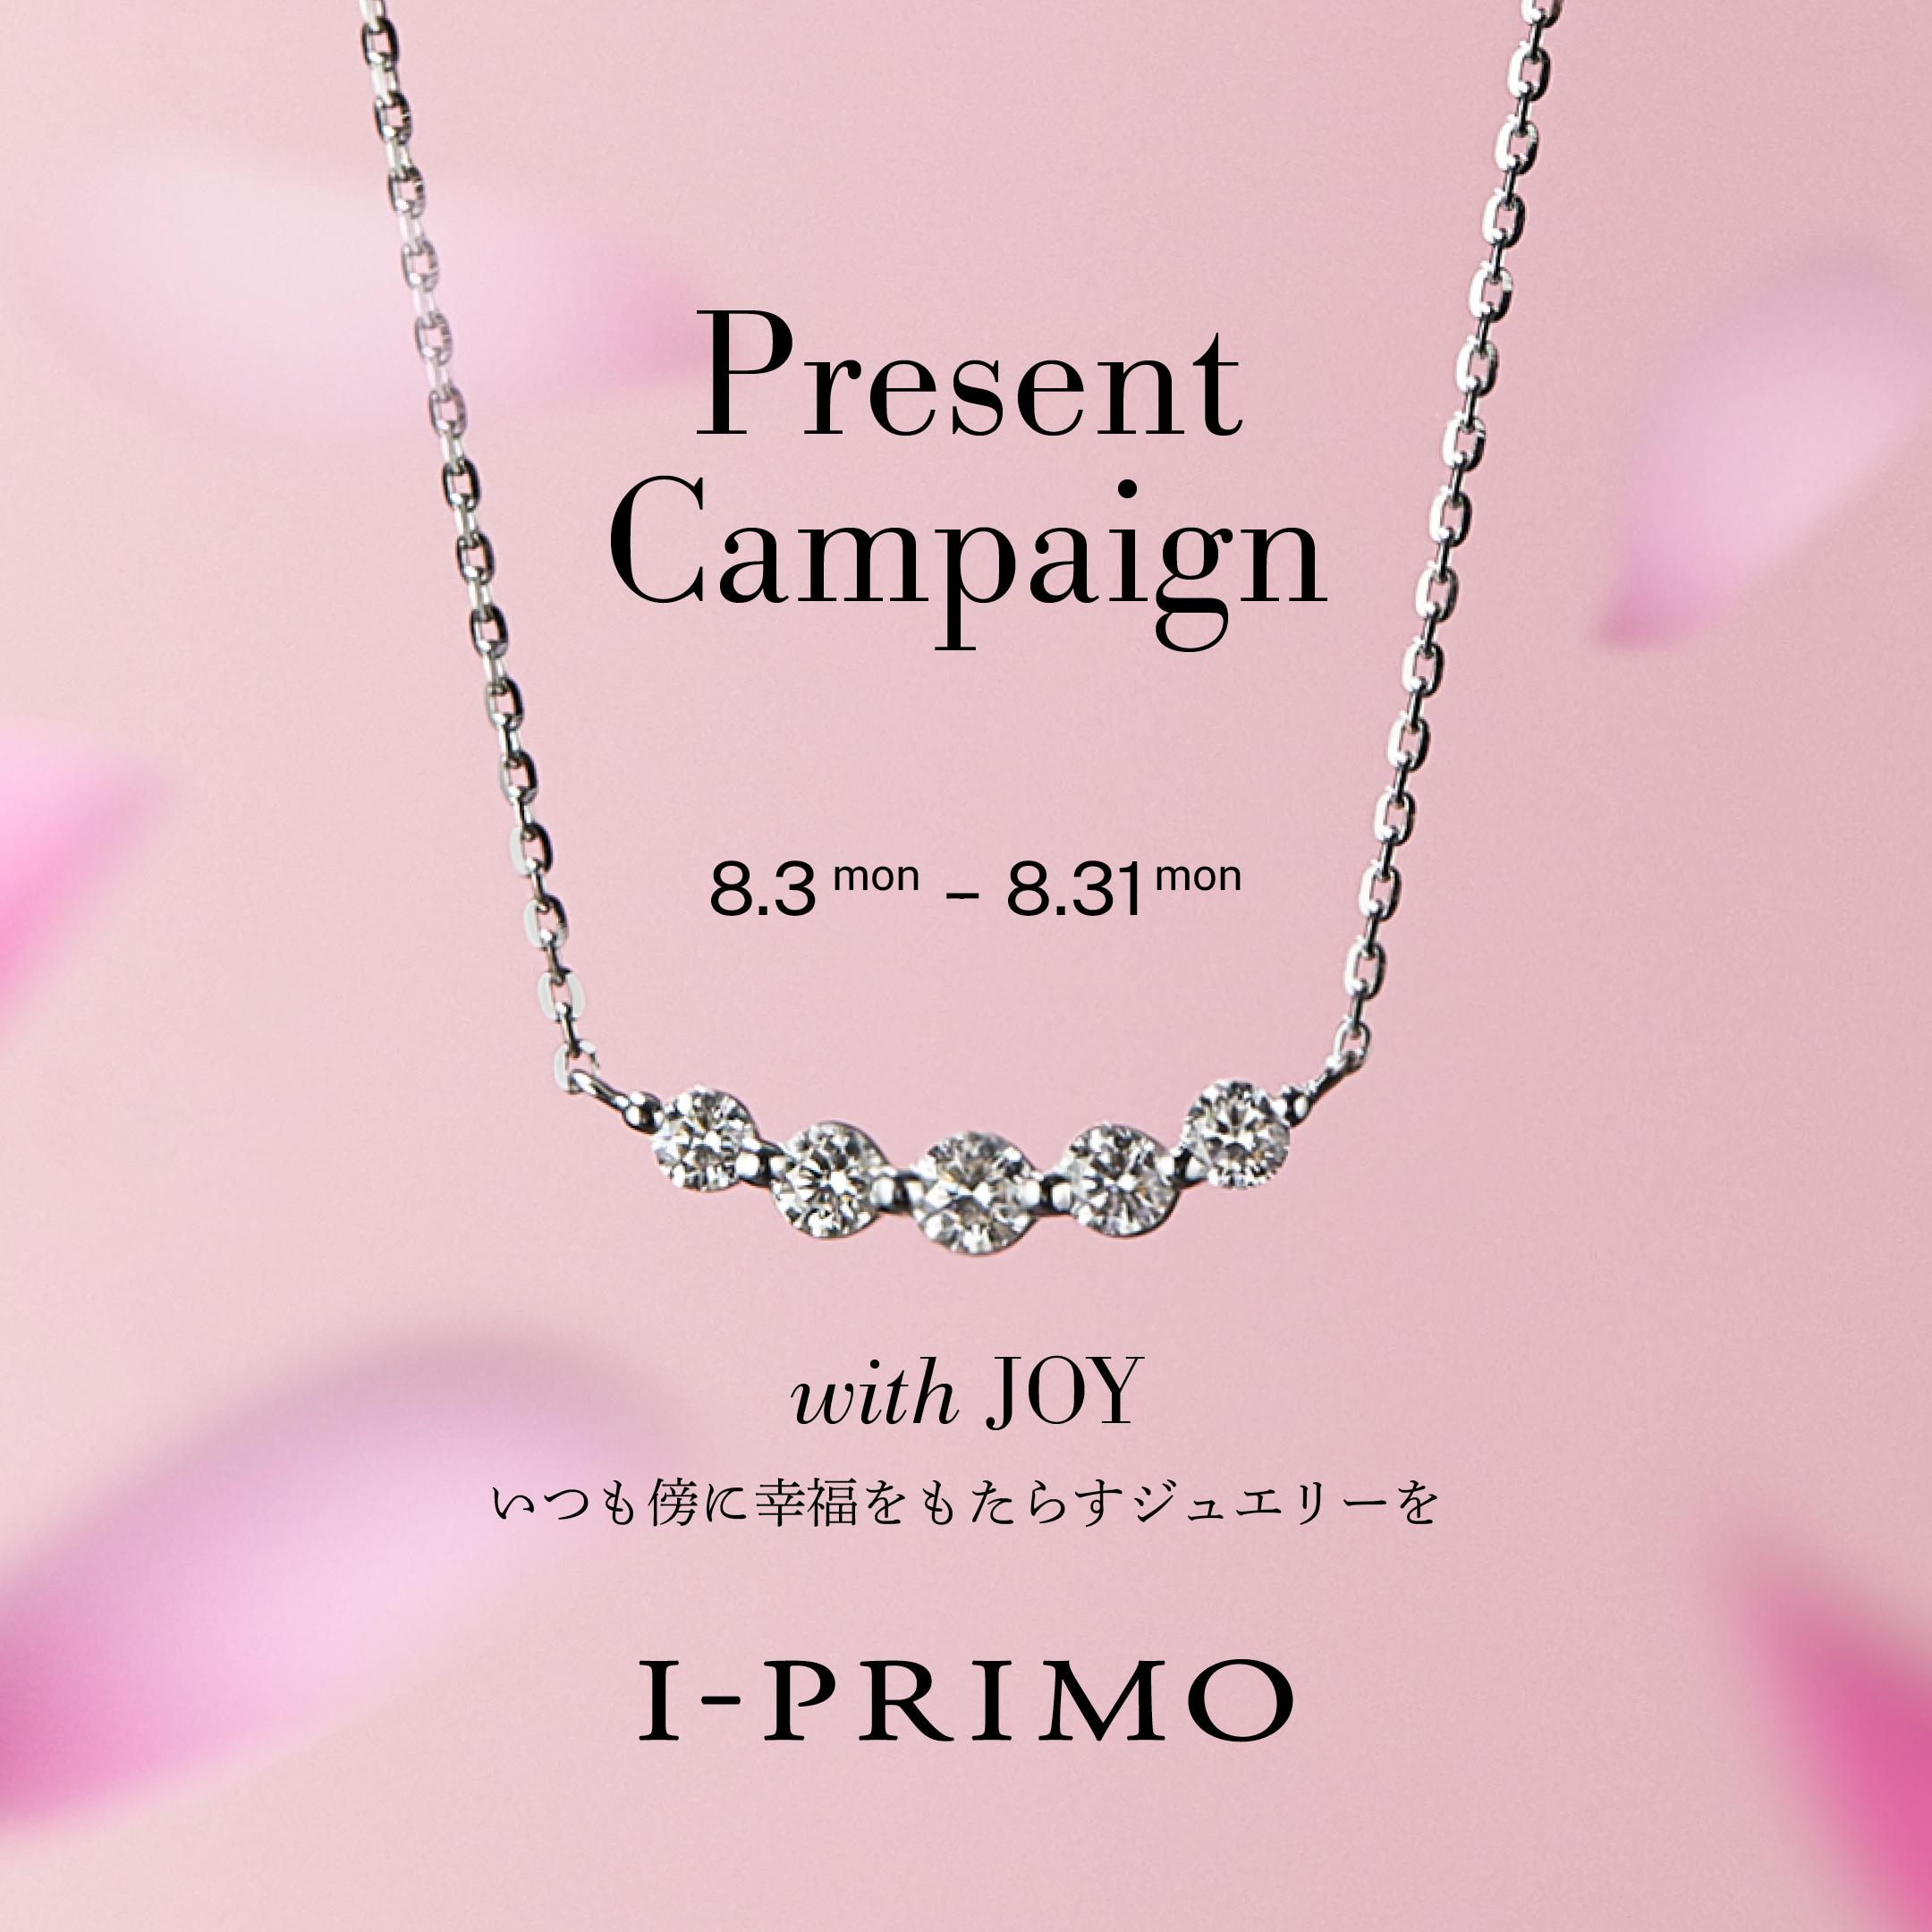 """ブライダルリング専門店「アイプリモ」Present Campaign """"いつも傍に幸福をもたらすジュエリーを"""" (2020年8月3日) - エキサイトニュース"""